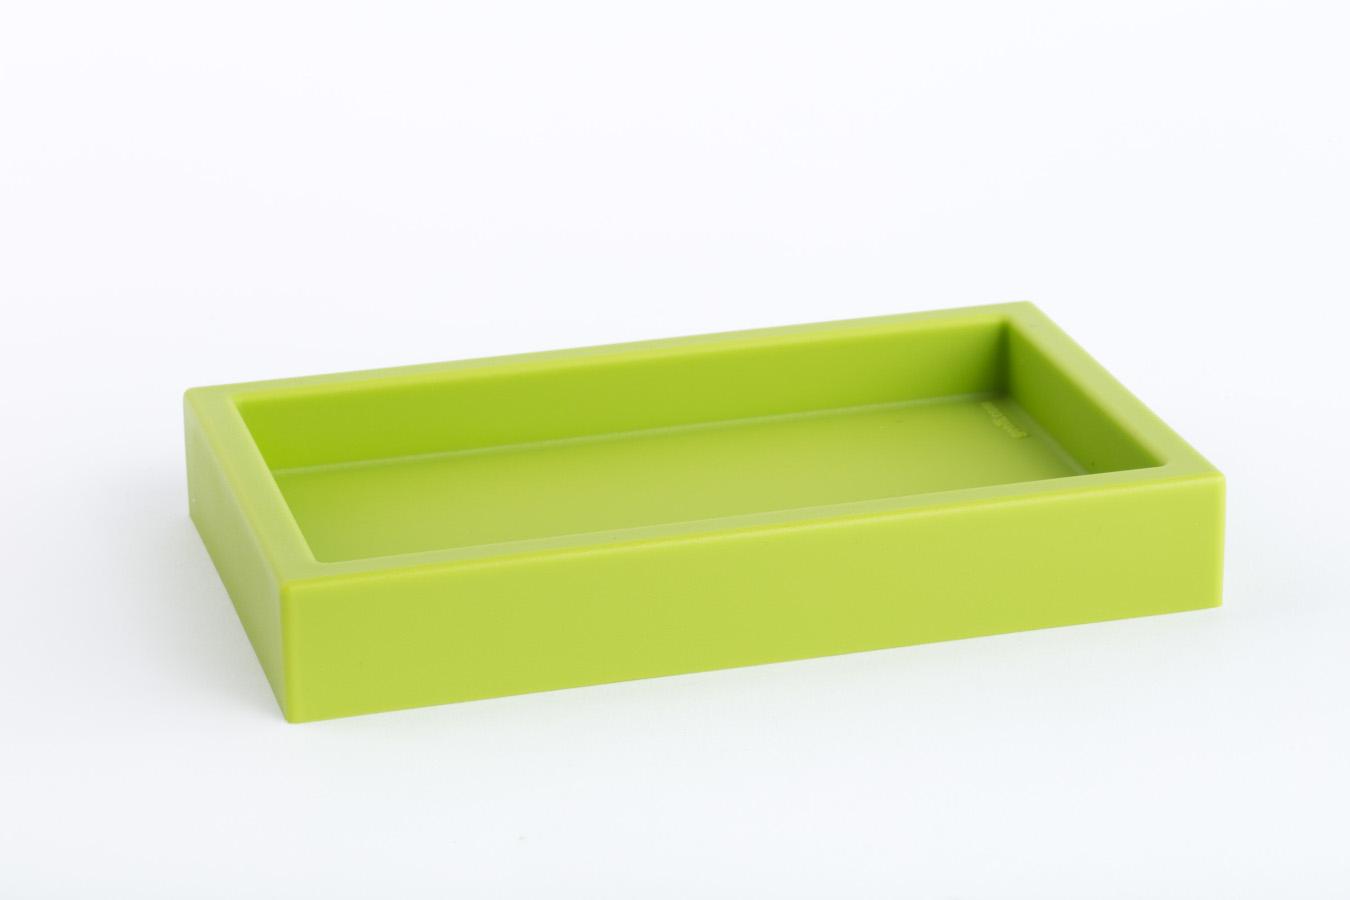 ivasi-low-ablageschale-geelli-madeinitaly-de